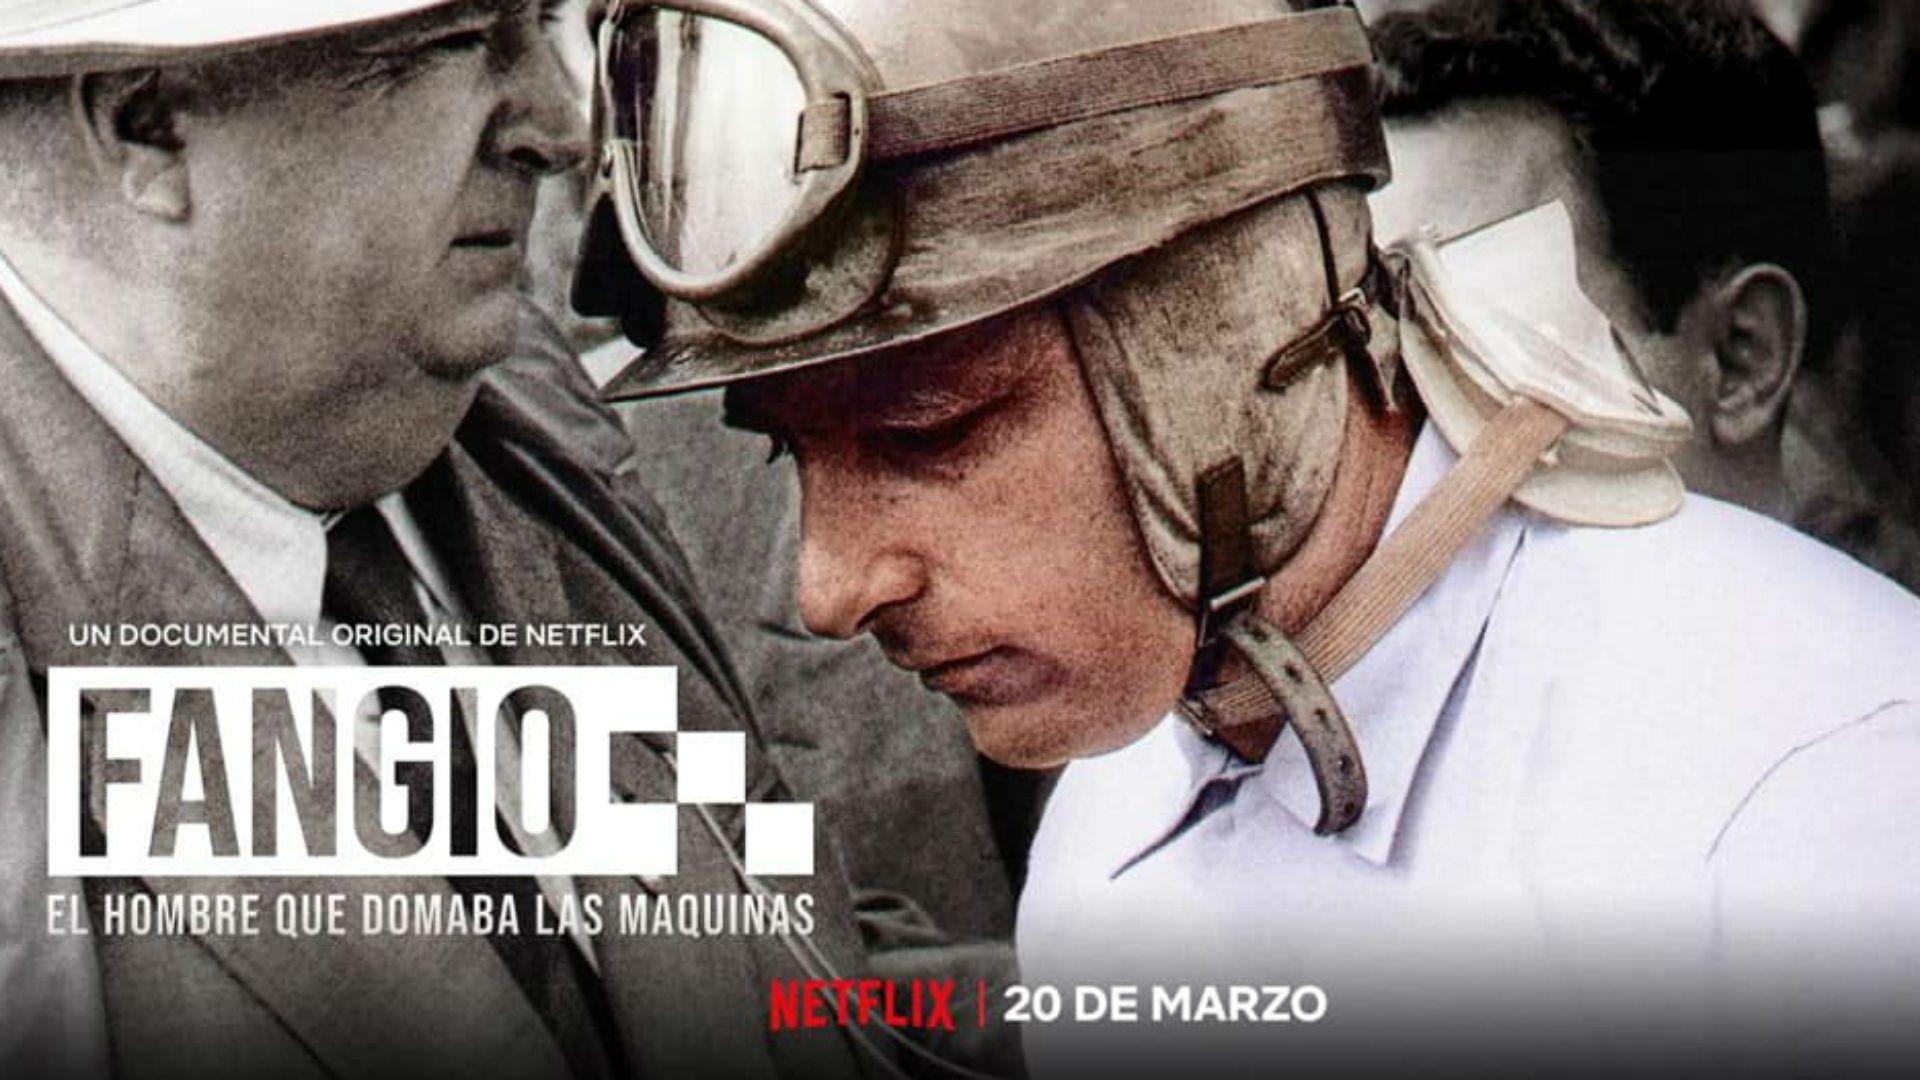 Fangio es una gran película de carro en netflix